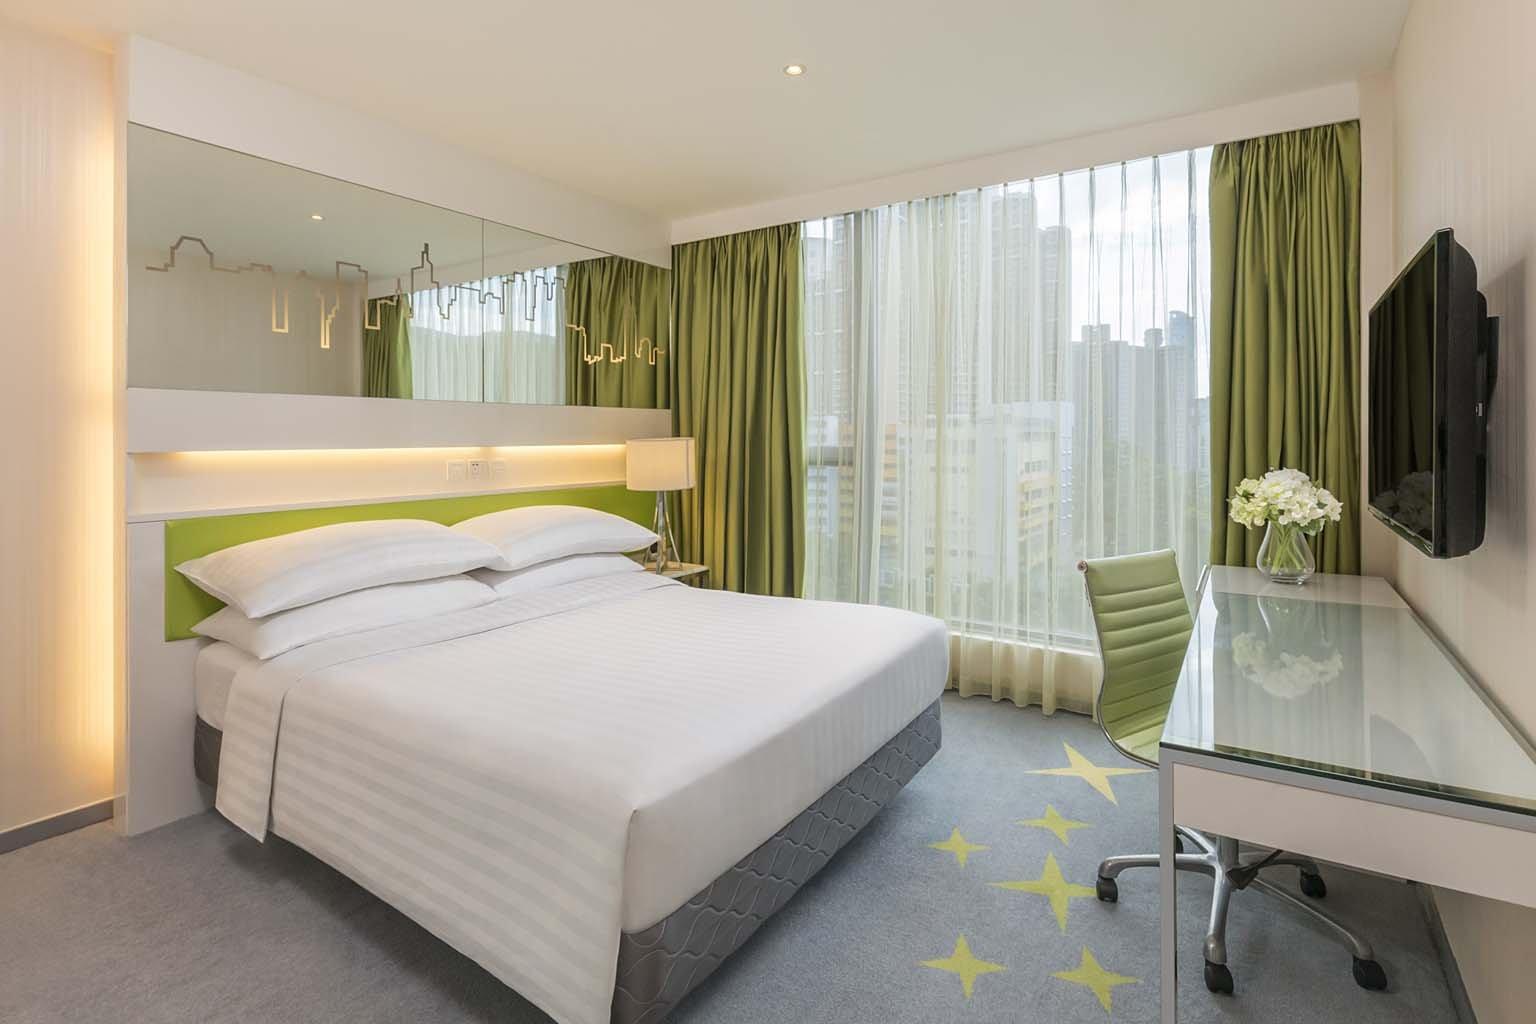 香港荃灣帝盛酒店 Dorsett Tsuen Wan-豪華客房 6h 連1人房內全日精選套餐